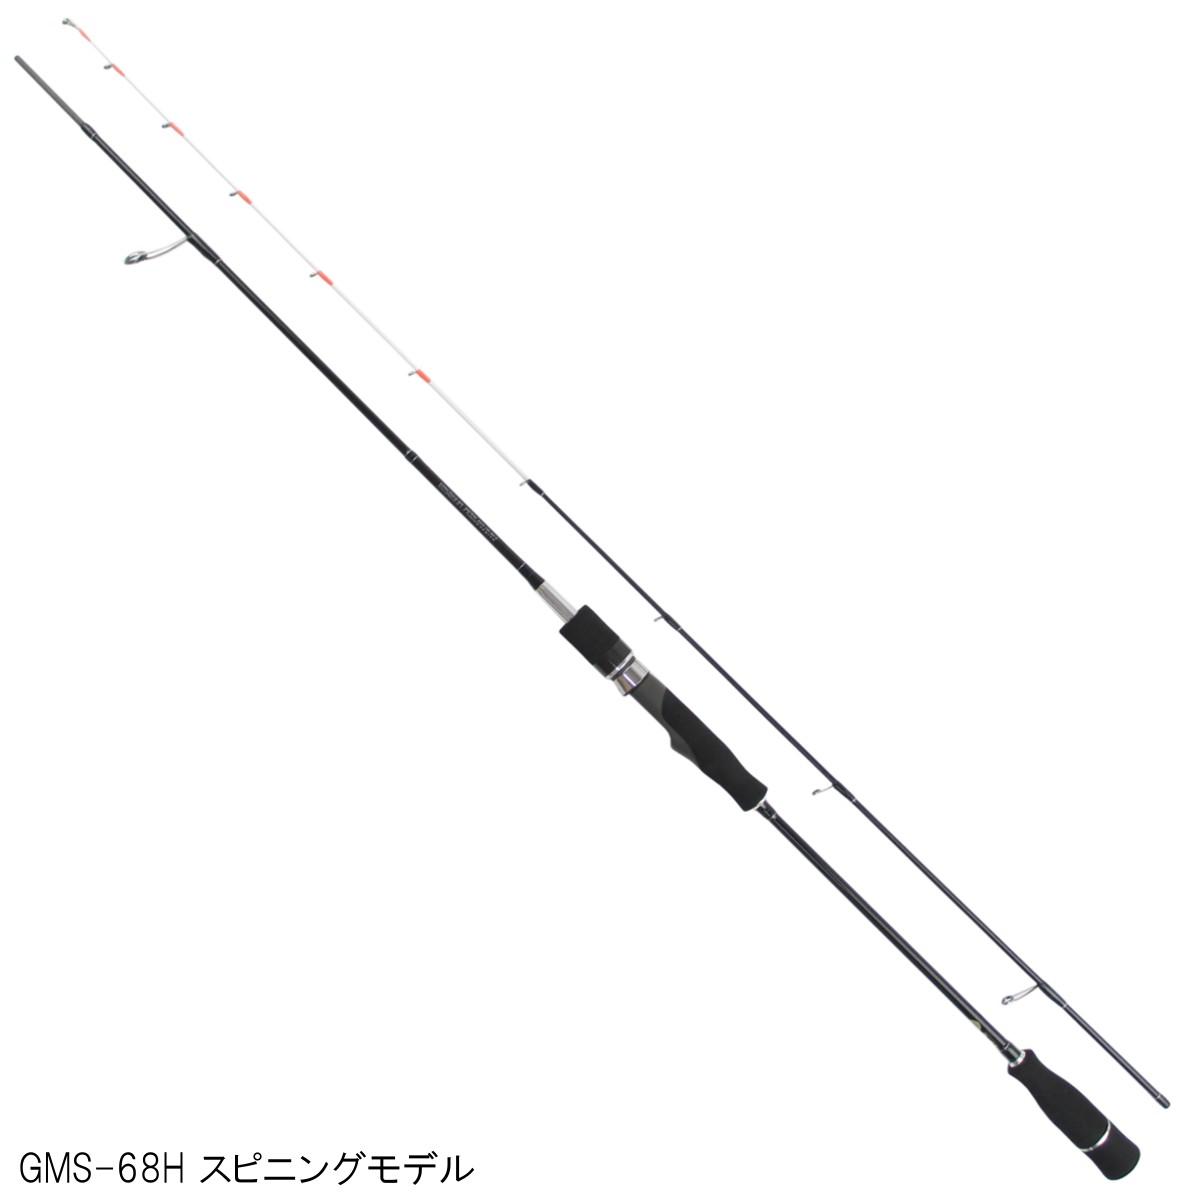 ギガメタル GMS-68H スピニングモデル【送料無料】